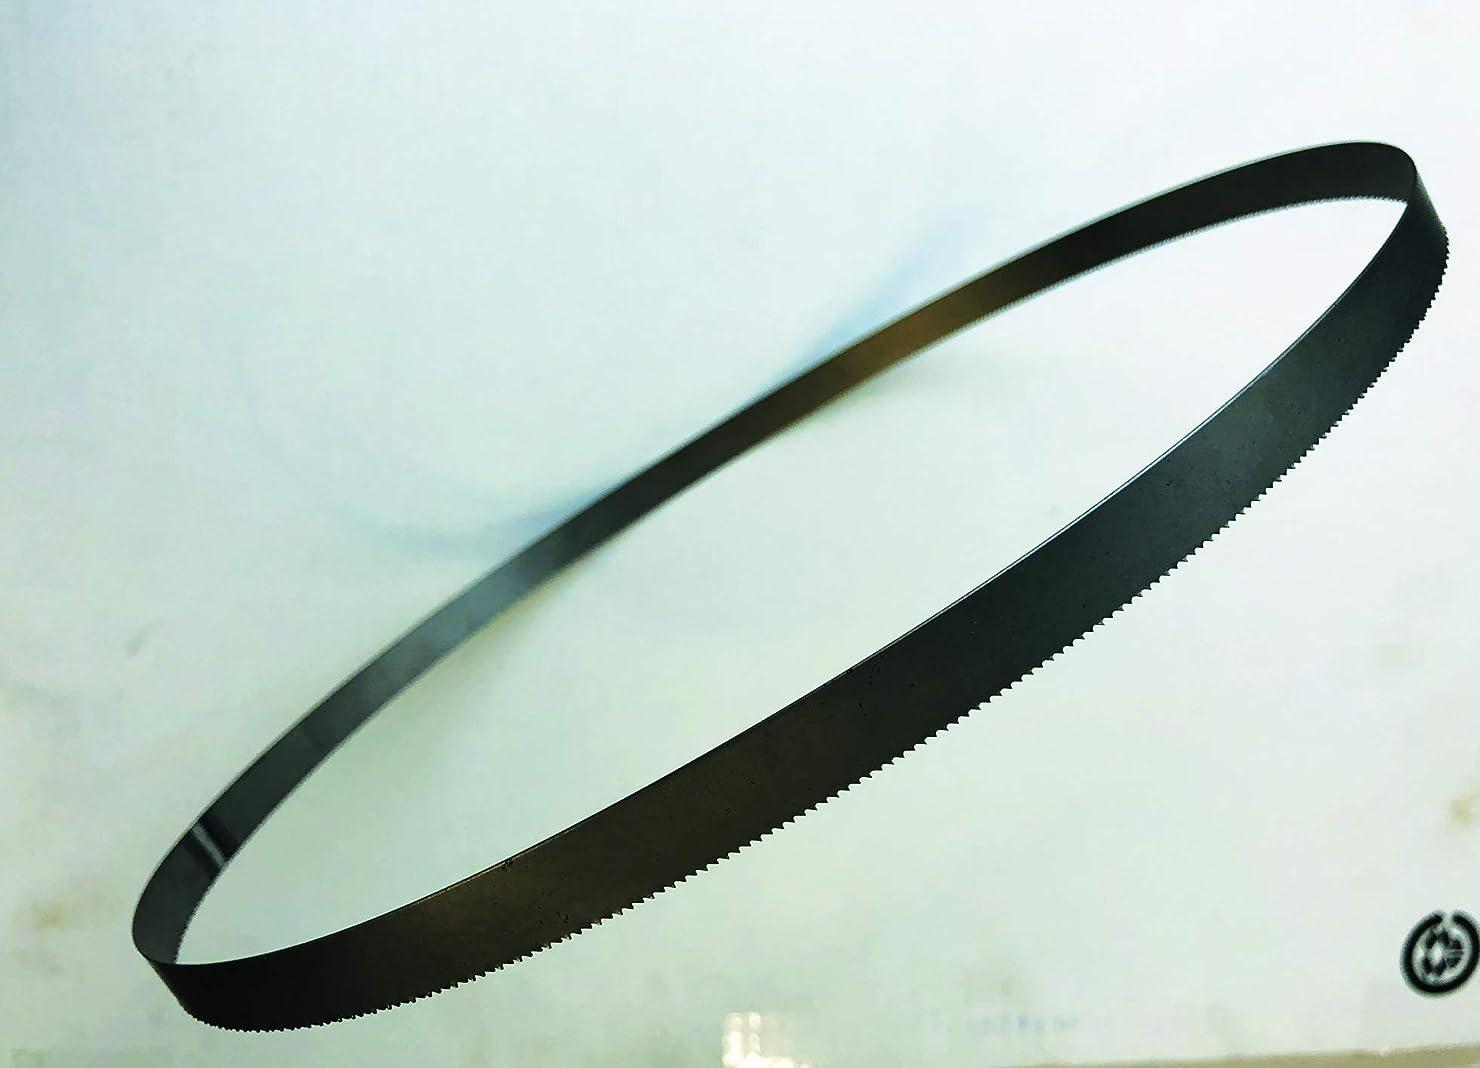 雄弁満足膨張するタイガーバンドソー 1250X13X14P 5本入 バンドソー替刃 鋸刃 鉄ステンレス兼用 HRB-1250用 帯のこ刃